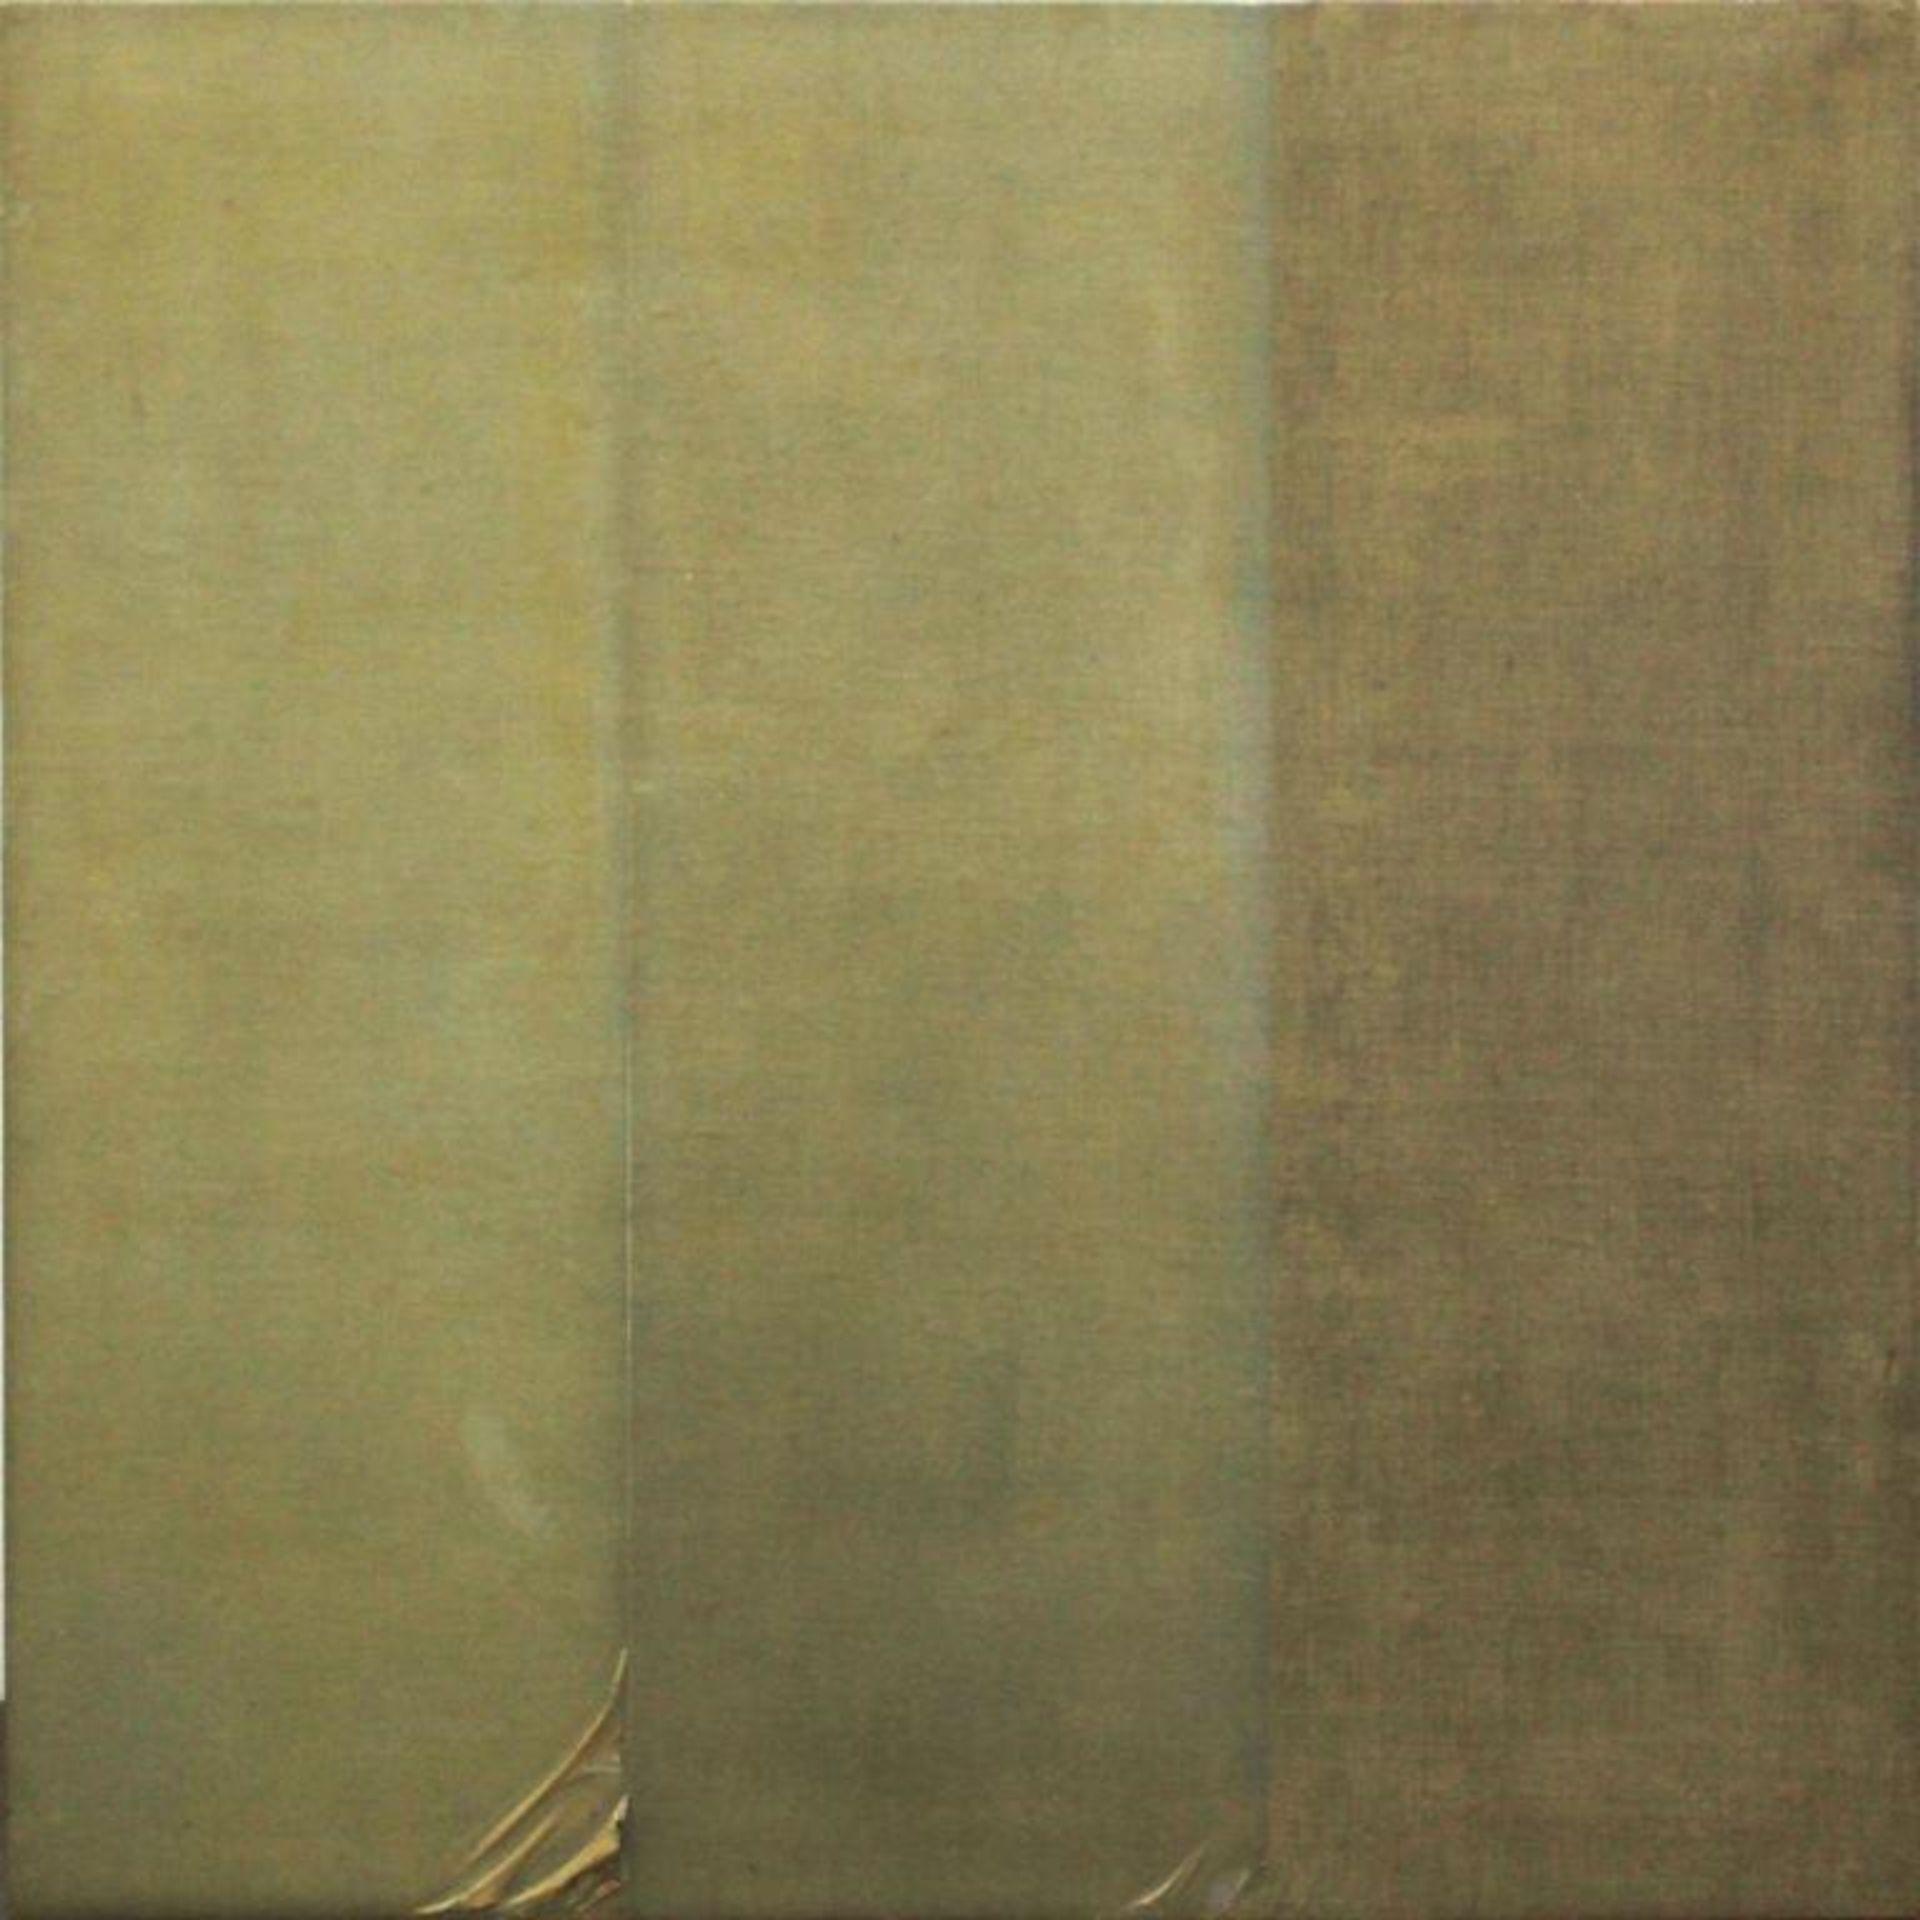 Los 11 - Hilmar Jiri (geb. 1937) Ohne Titel 1976 Transparentpapier auf Leinen auf Holz handsigniert und